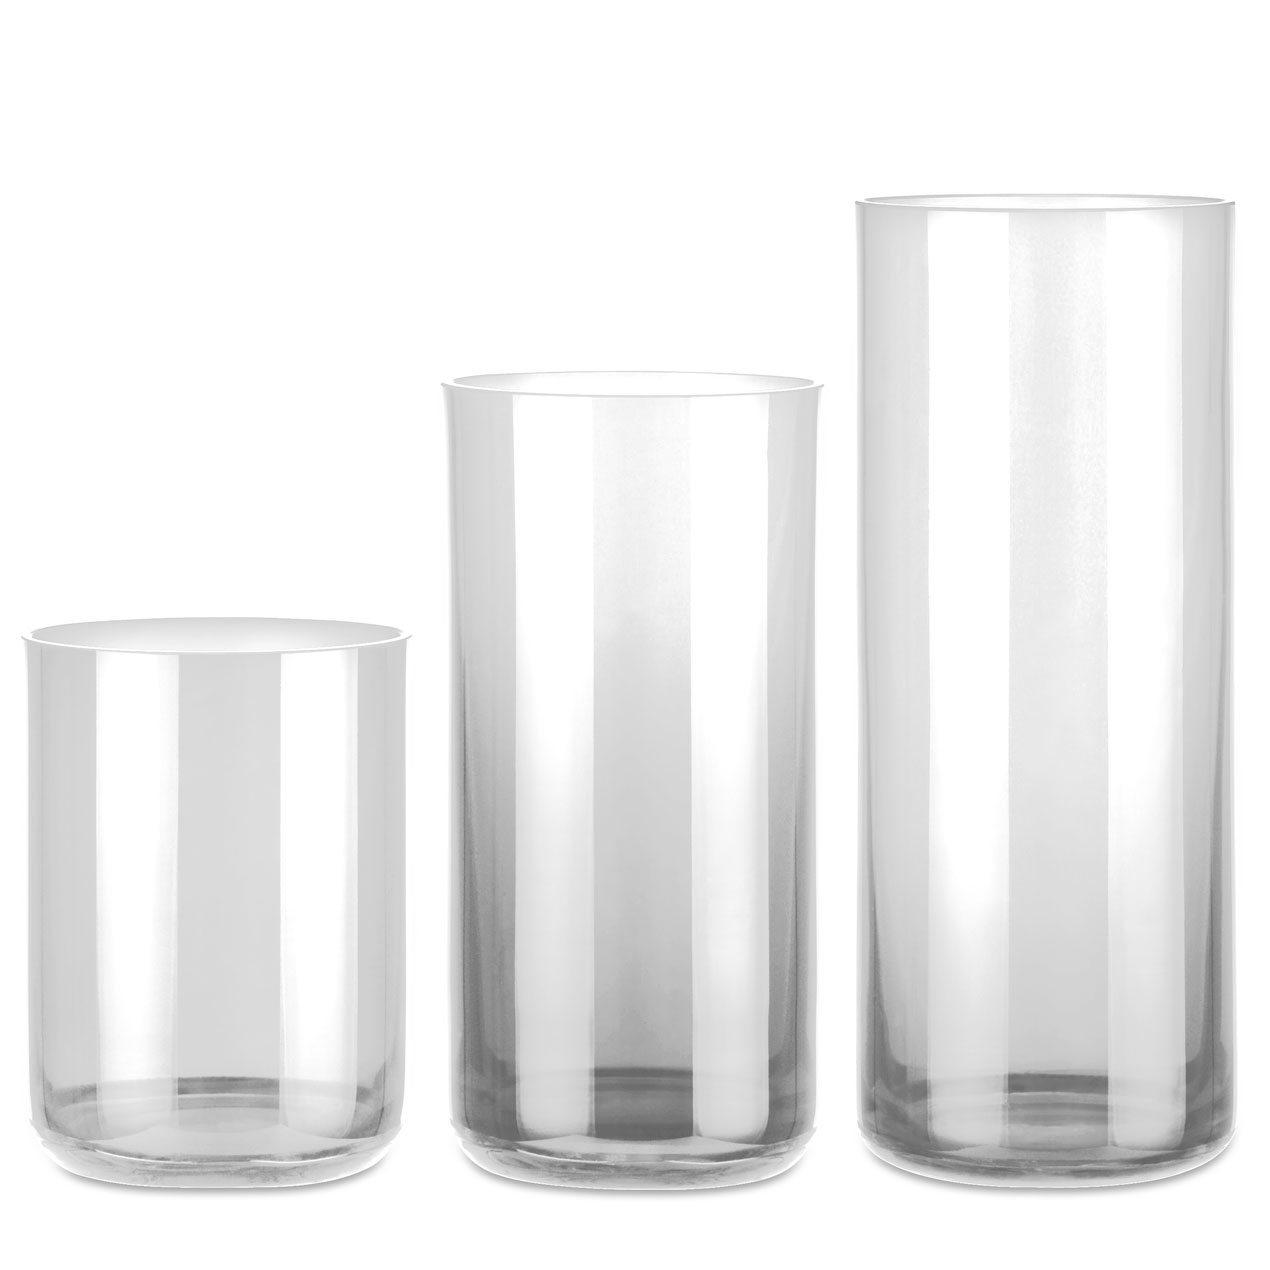 Ewiglicht-Gläser gerade transparent